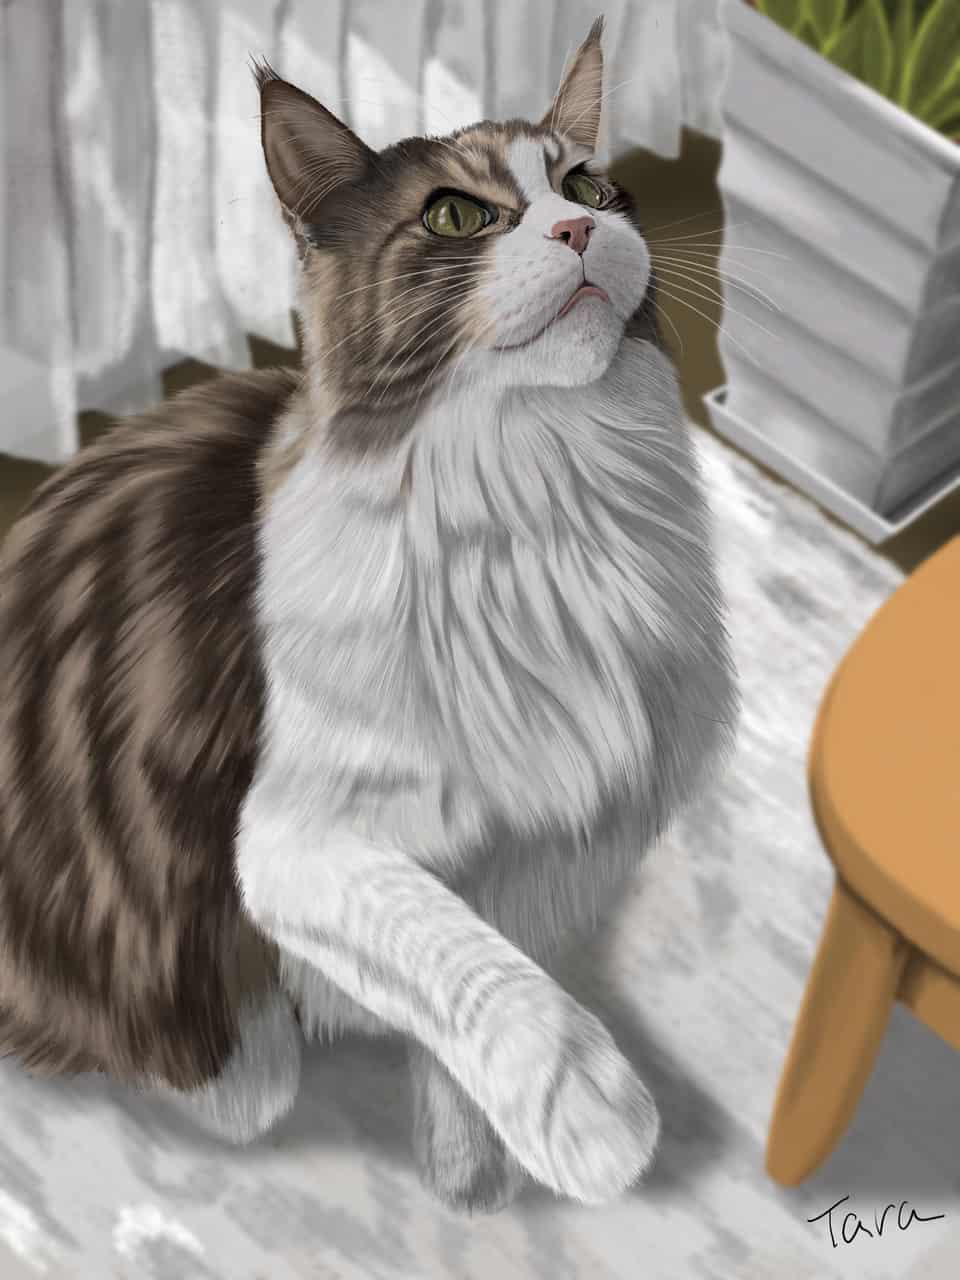 メインクーン2 Illust of ekadhooj DOGvsCAT_CAT cat